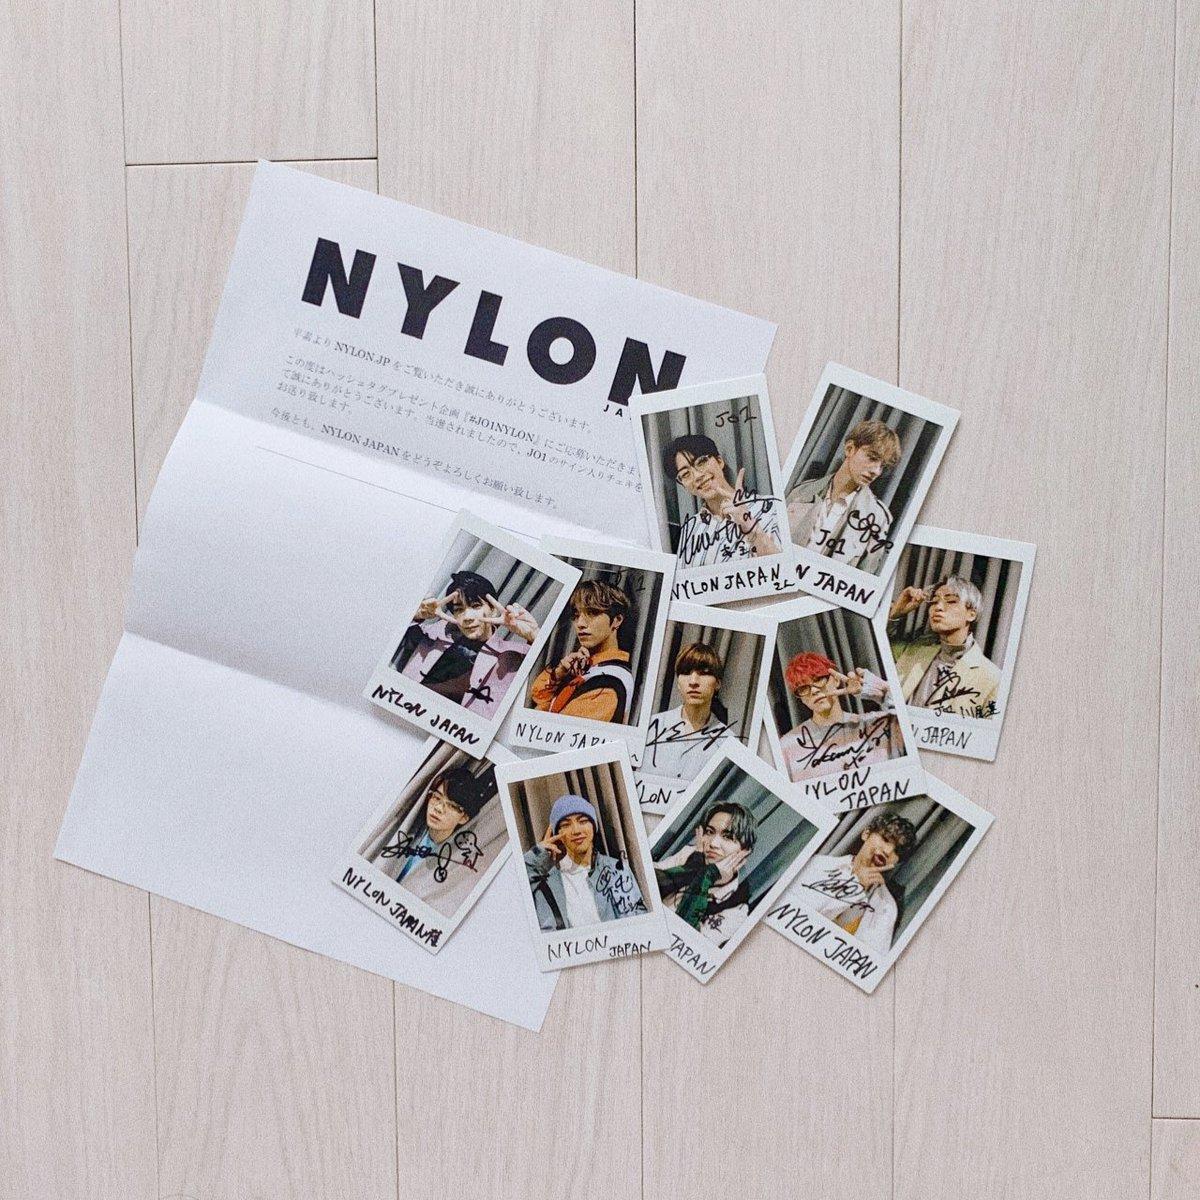 NYLON様のプレゼントチェキ当たりました😭一生の家宝ですわたしの子孫まで絶対に残します!NYLON様のJO1が大好き芸人なので初夏の大感謝セール実施中ですドキドキしてます😭😭早急に額縁を購入して飾ります❕ありがとうございます😭是非これからもJO1を宜しくお願いします🙇@NYLONJAPAN